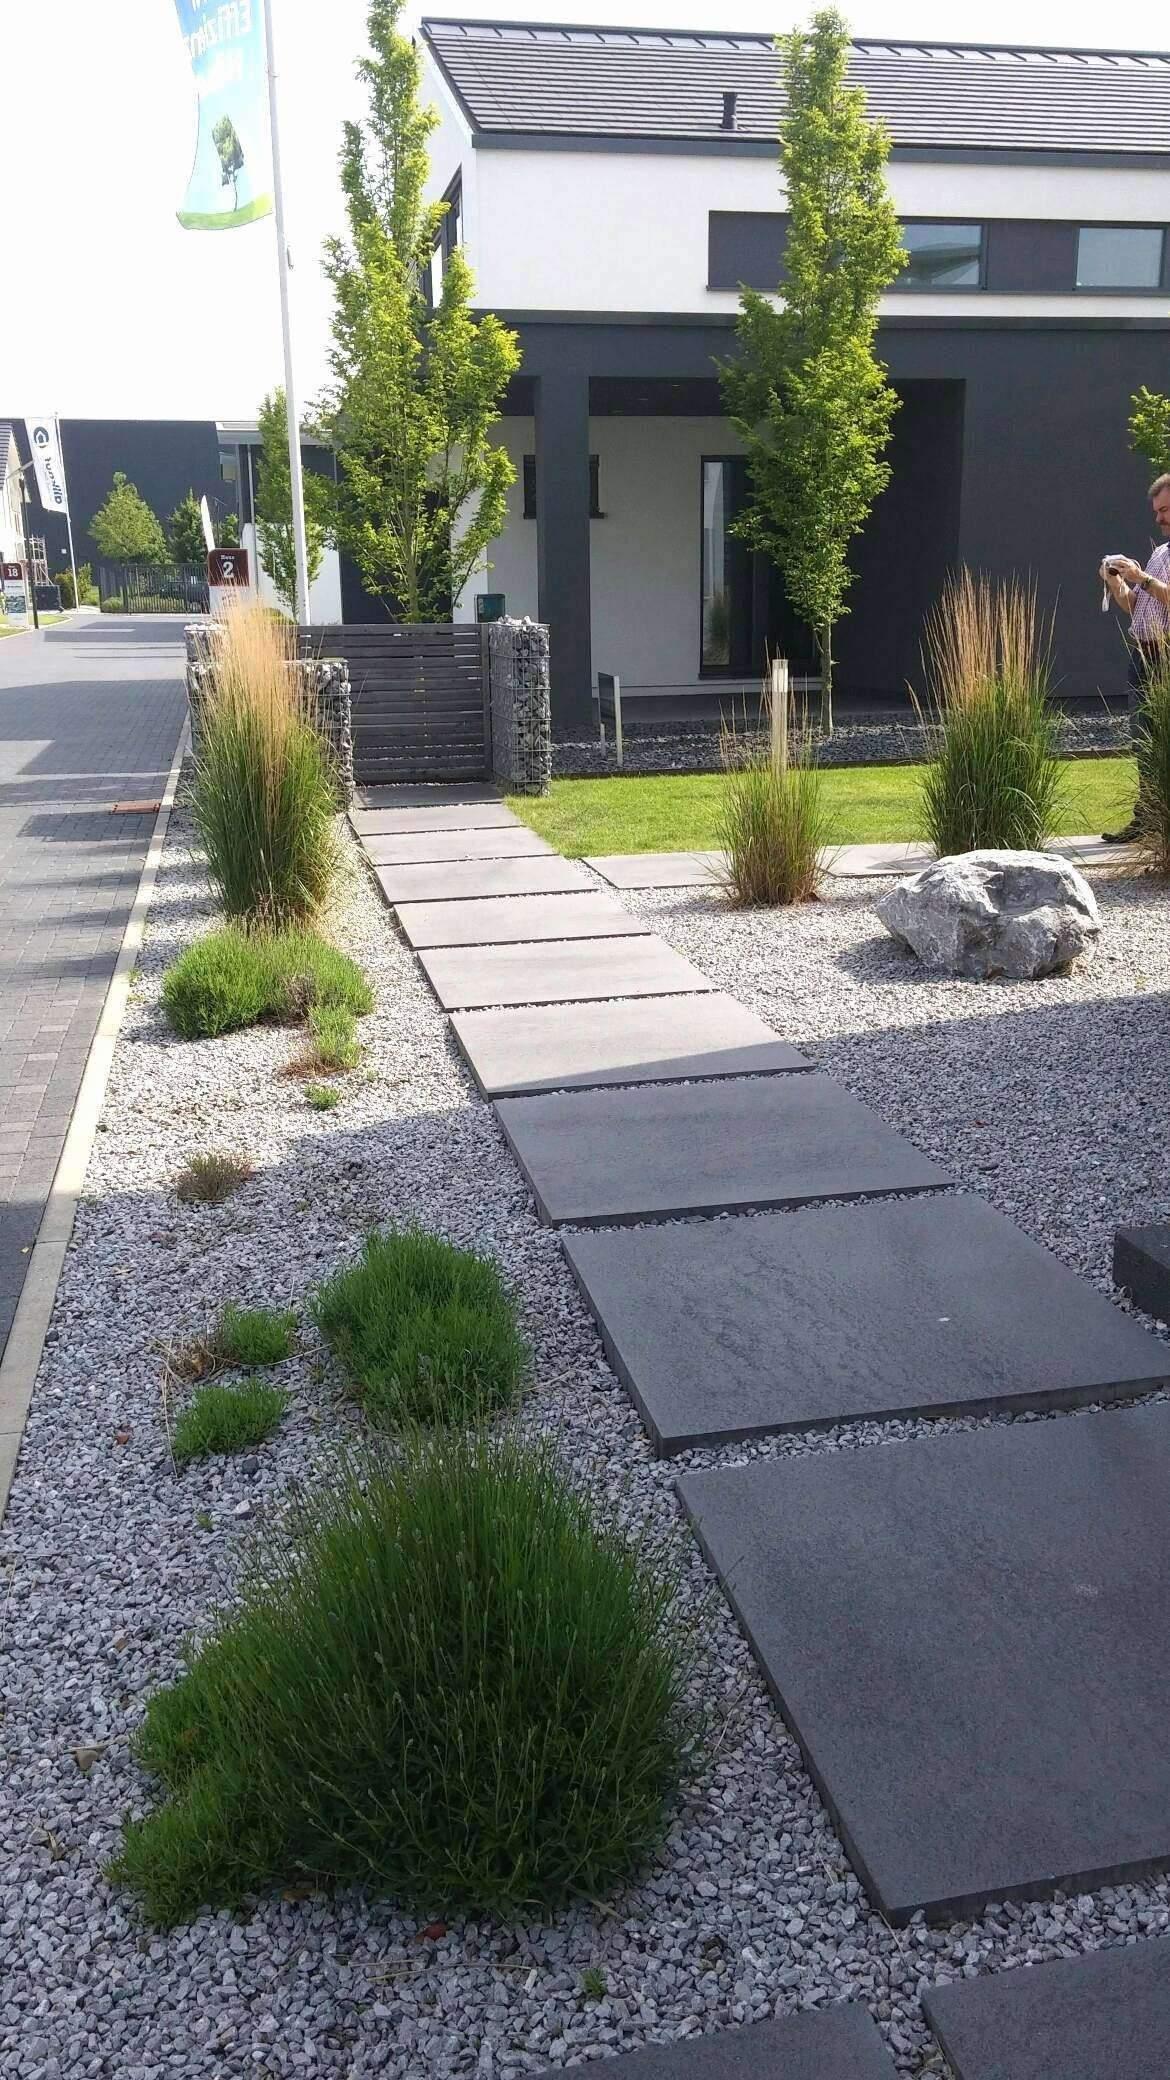 Sitzecke Garten Selber Bauen Best Of 26 Genial Garten Modern Gestalten Einzigartig